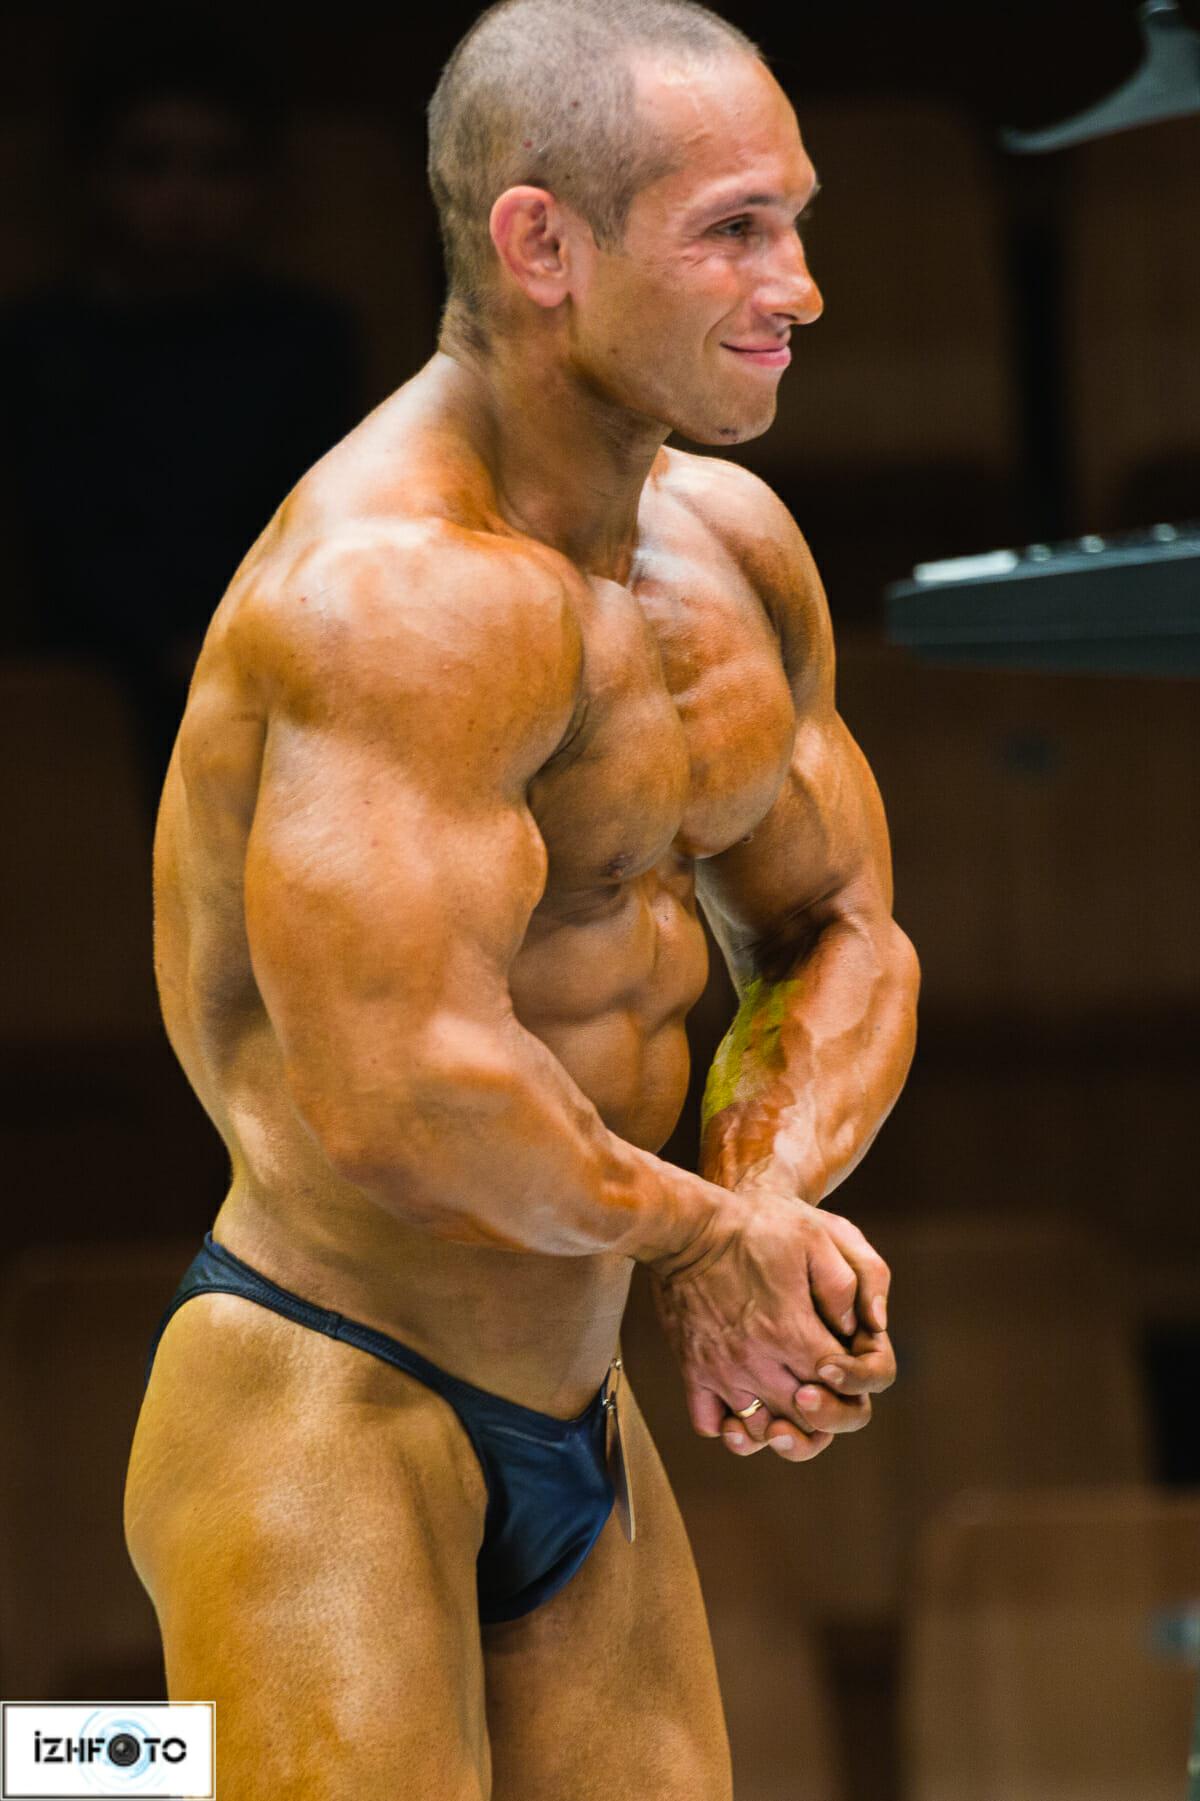 Из наград спортсмена можно отметить третье место на Чемпионате России по бодибилдингу в 2010 году, победу в Чемпионате ПФО в абсолютной категории, а также Кубок УрФО.